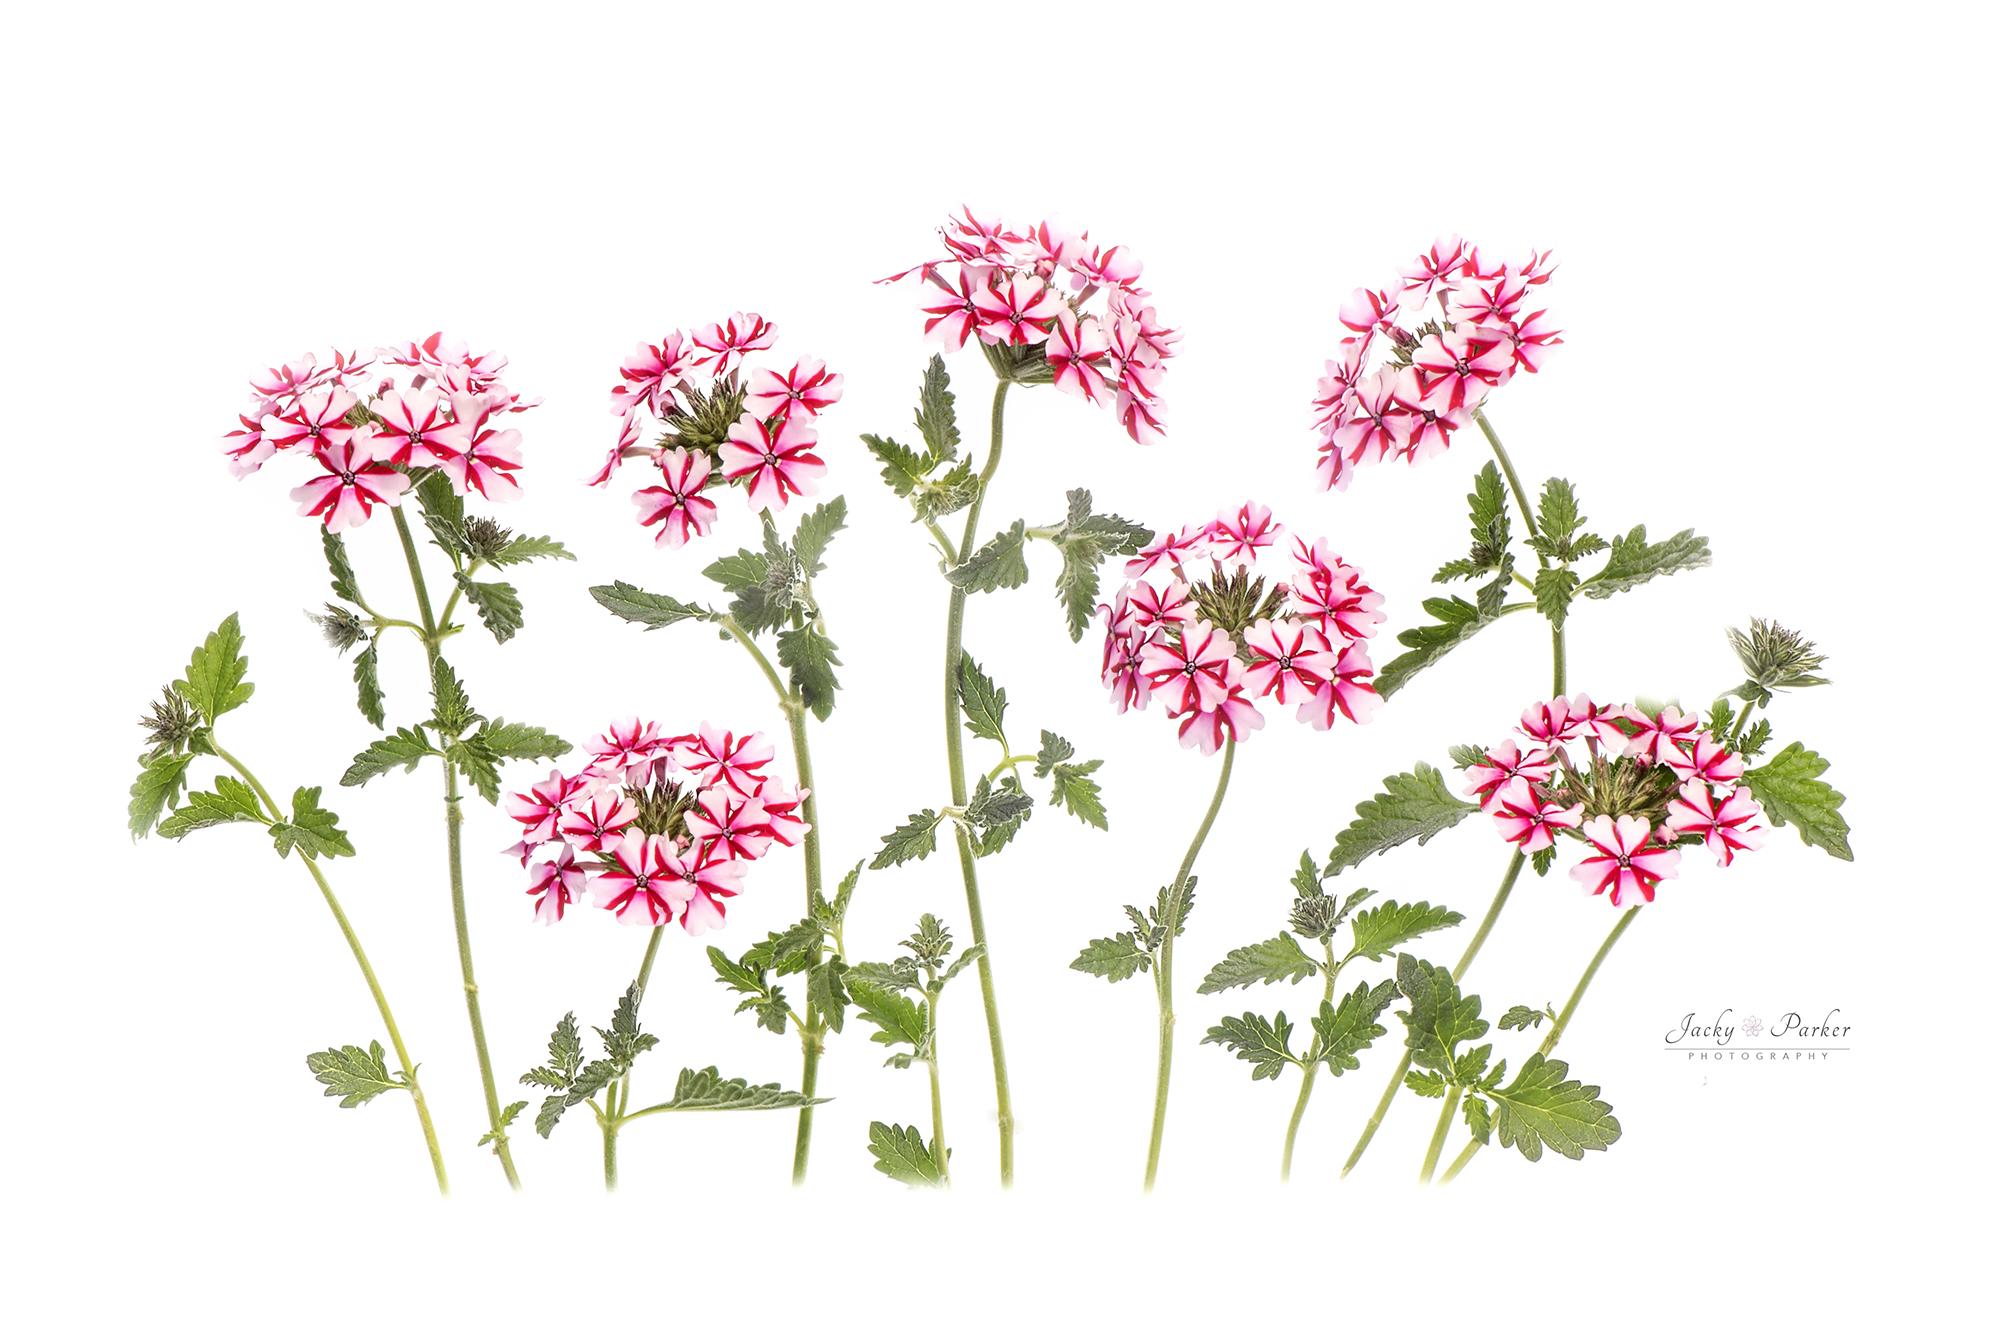 High Key Flowers Jacky Parker